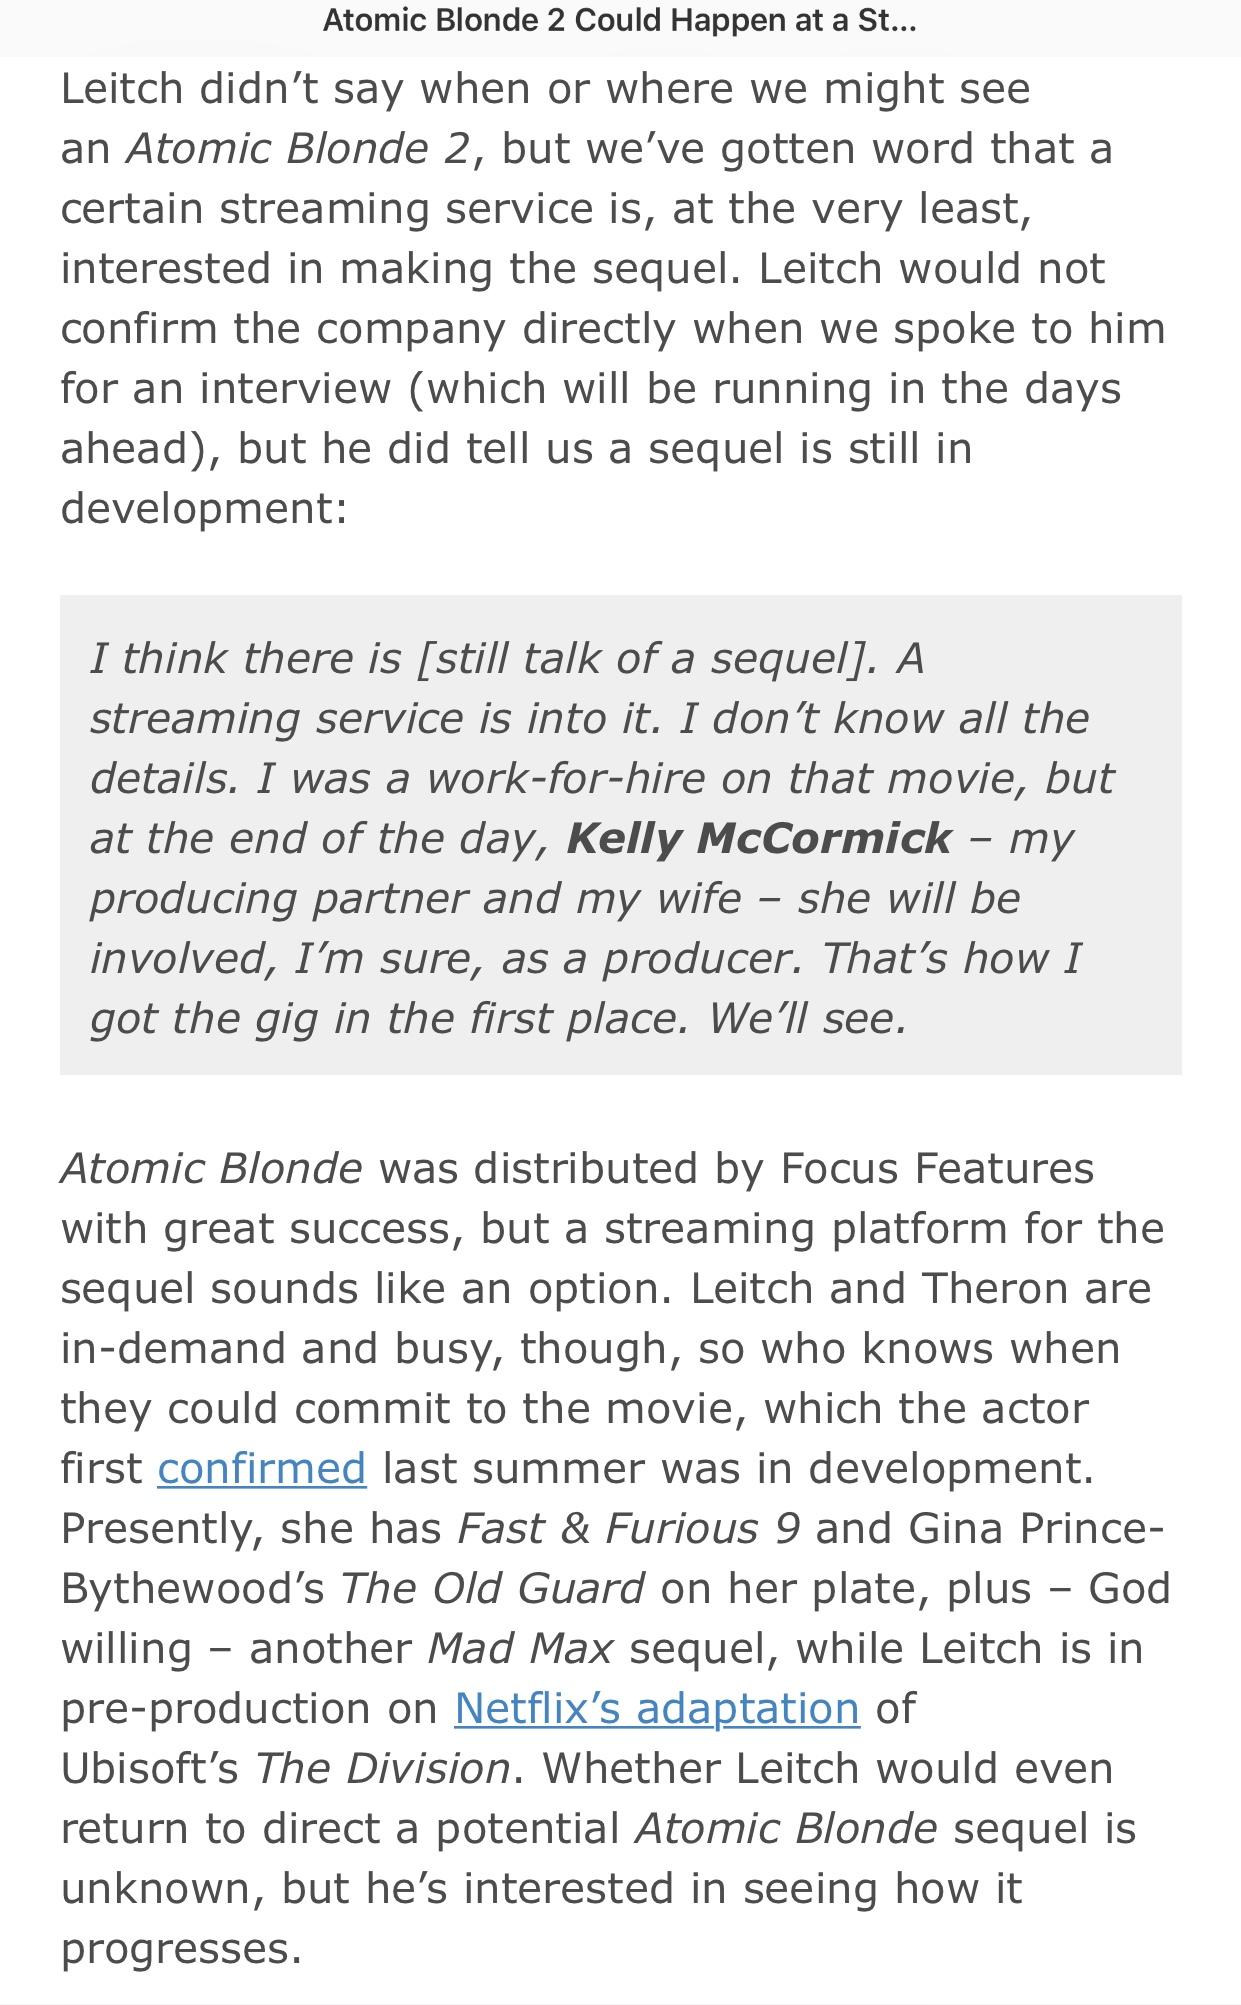 塞皇生日刚好看到这消息,导演大卫·雷奇 说《极寒之城2》还有希望